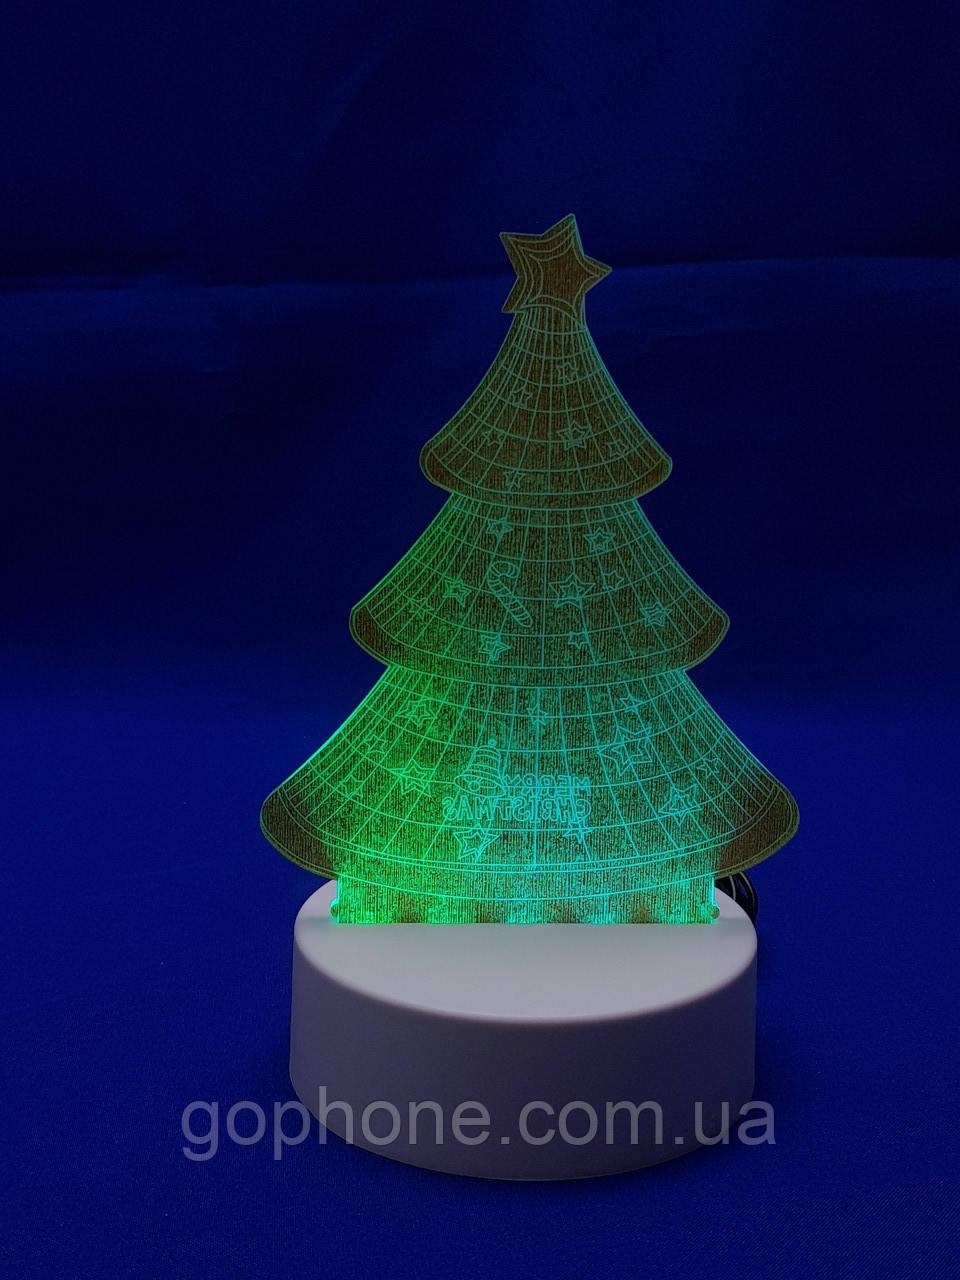 Настольный электрический светильник с 3D эффектом | Елочка